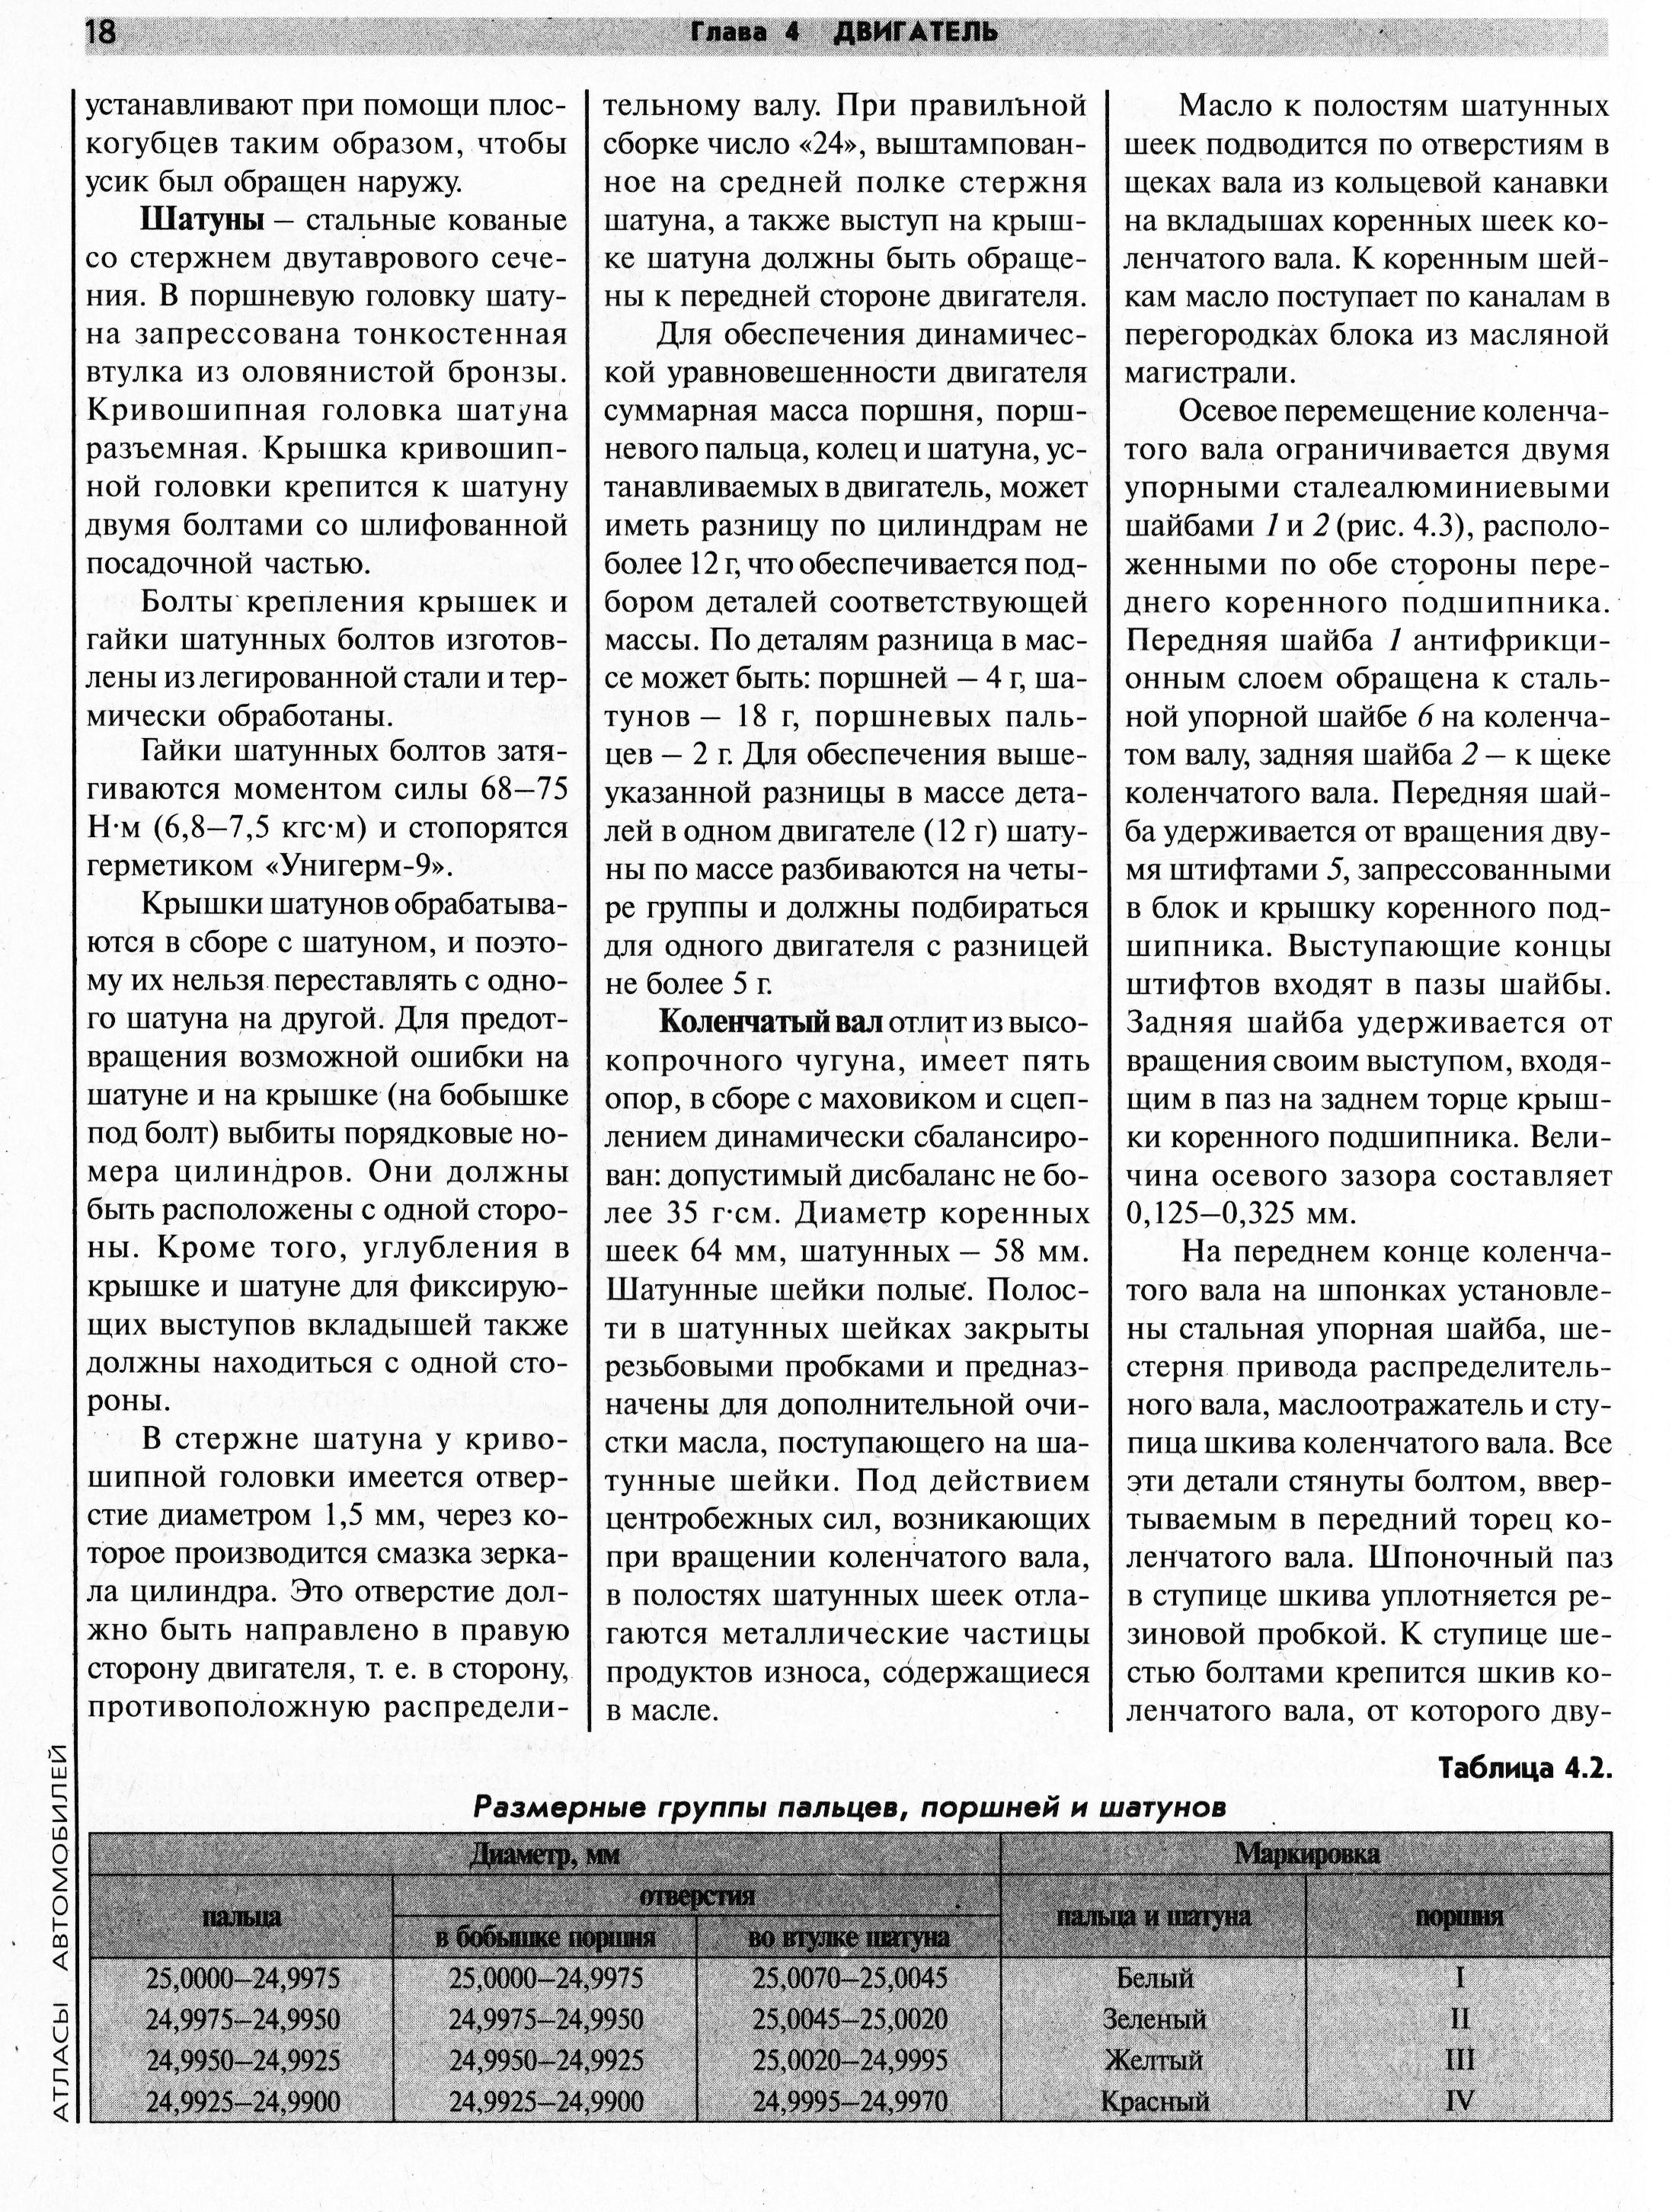 Руководство по эксплуатации газель 3302 онлайн